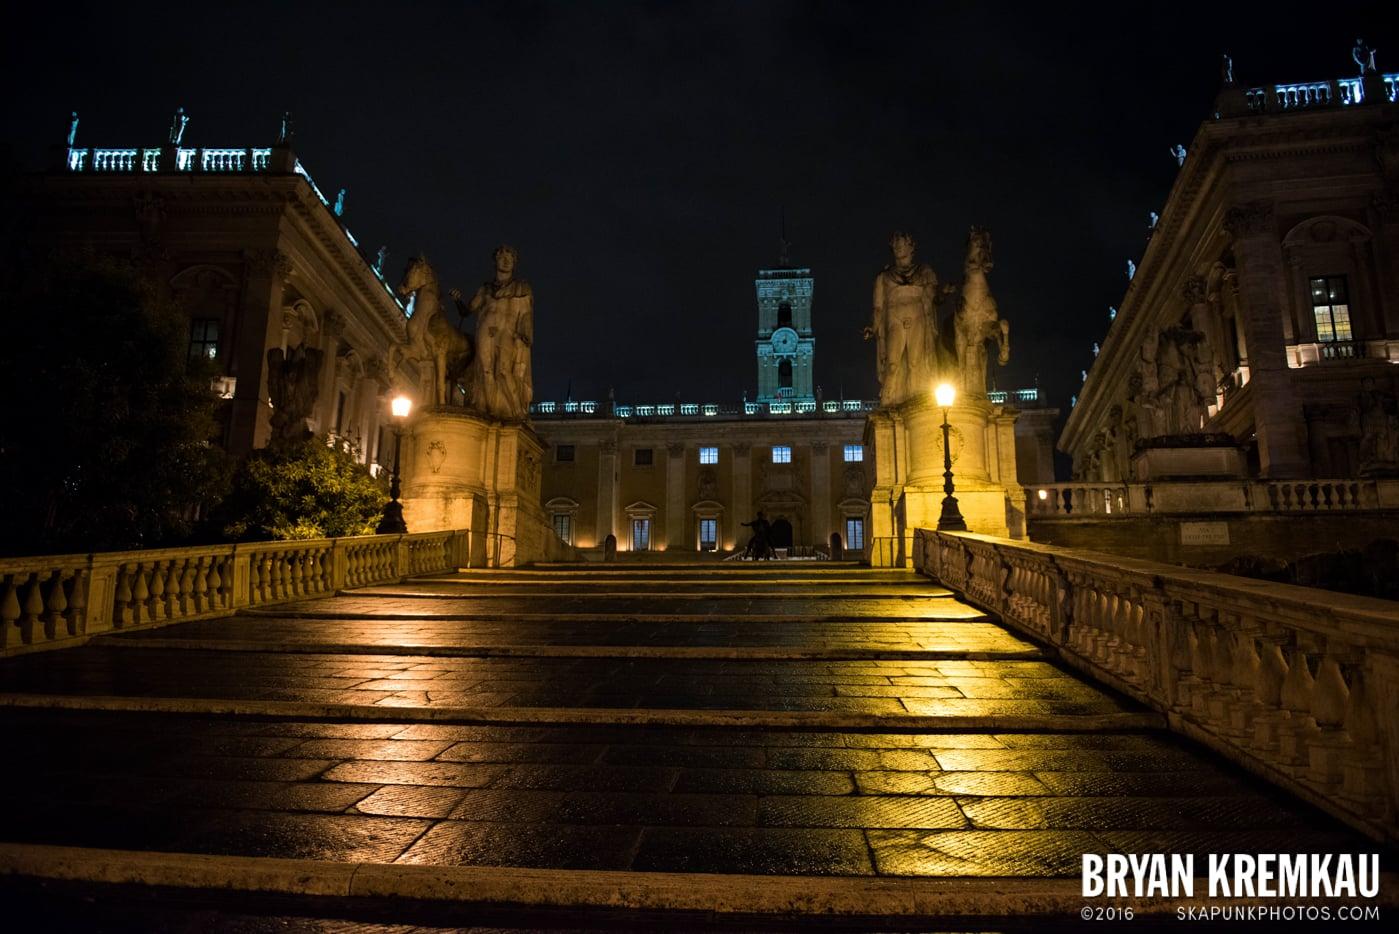 Italy Vacation - Day 2: Rome - 9.10.13 (14)